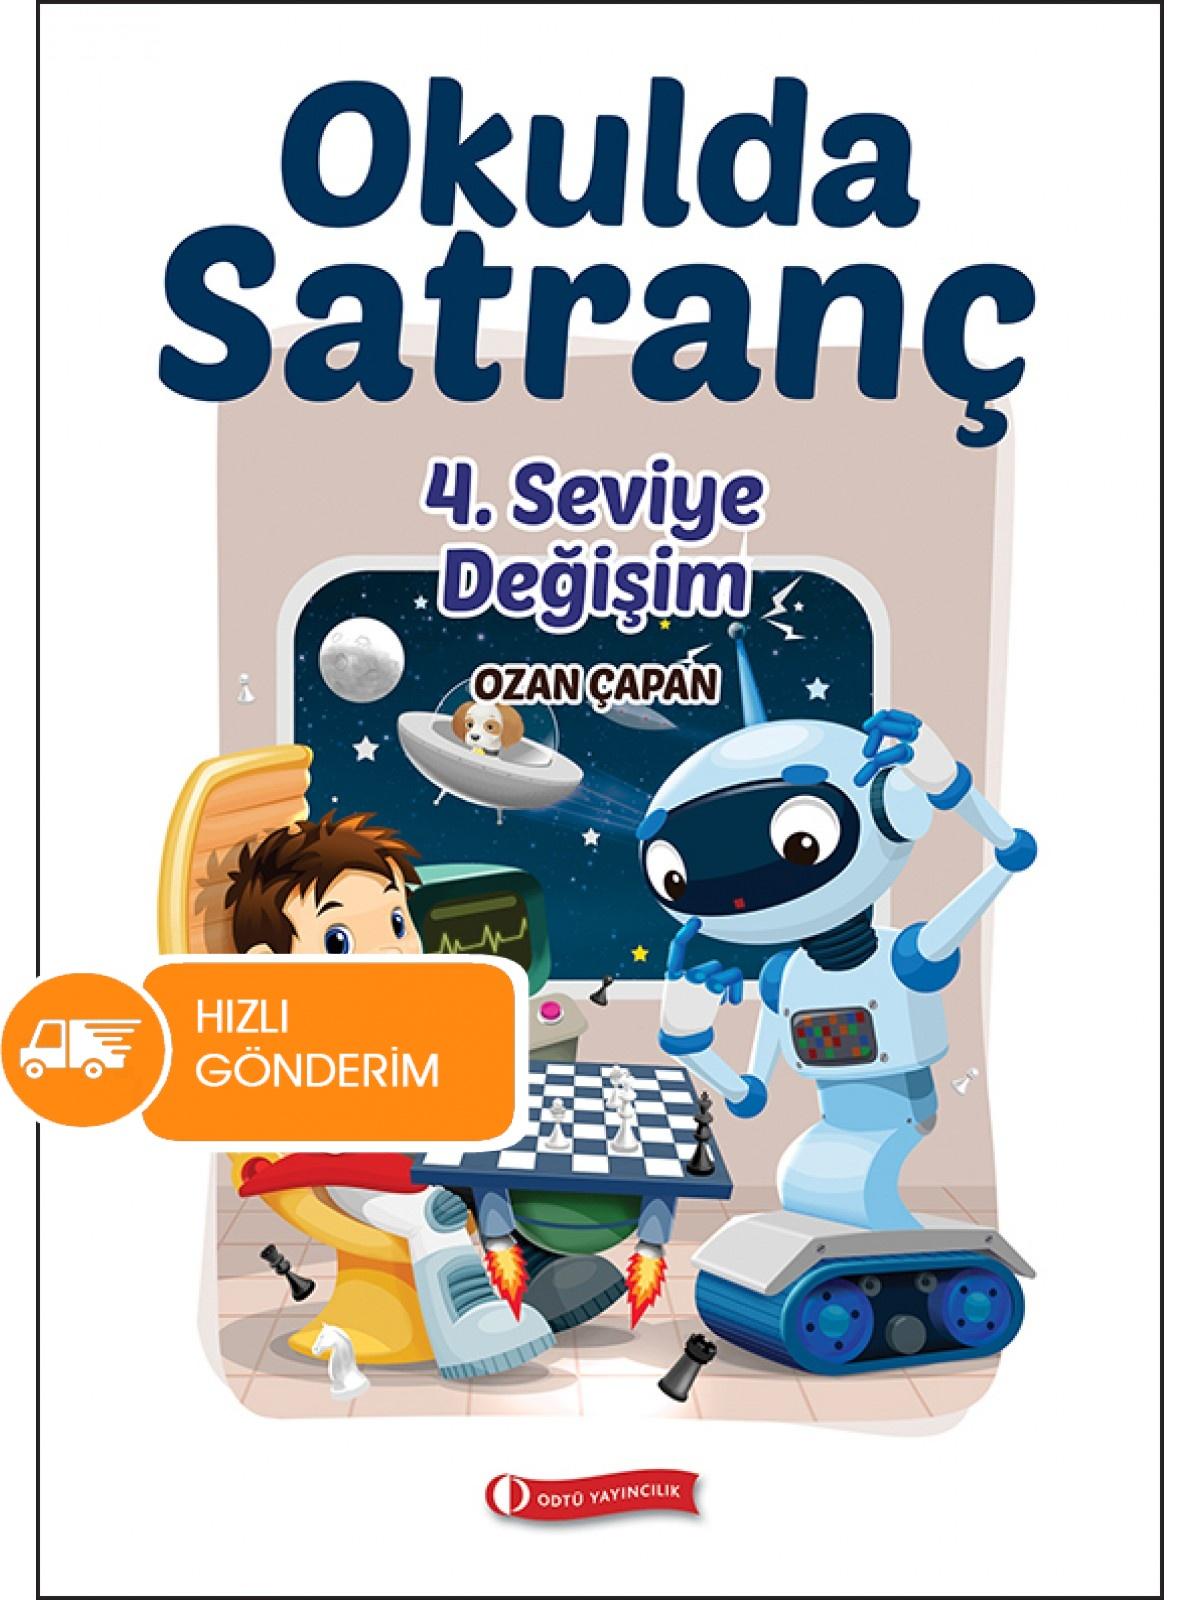 Okulda Satranç - 4. Seviye Değişim